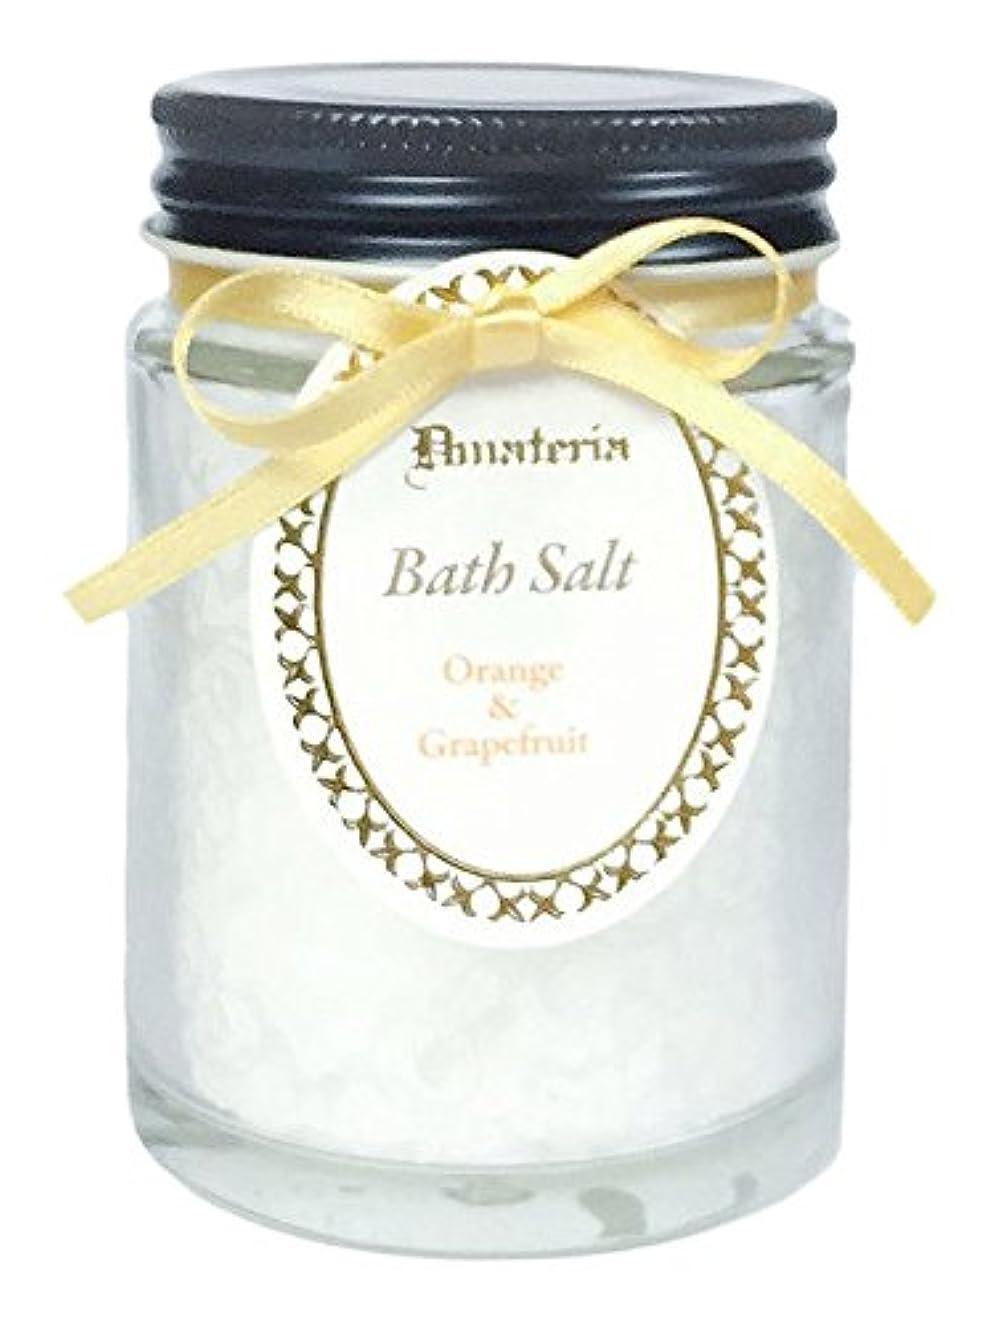 熱意ホステス戦術D materia バスソルト オレンジ&グレープフルーツ Orange&Grapefruit Bath Salt ディーマテリア